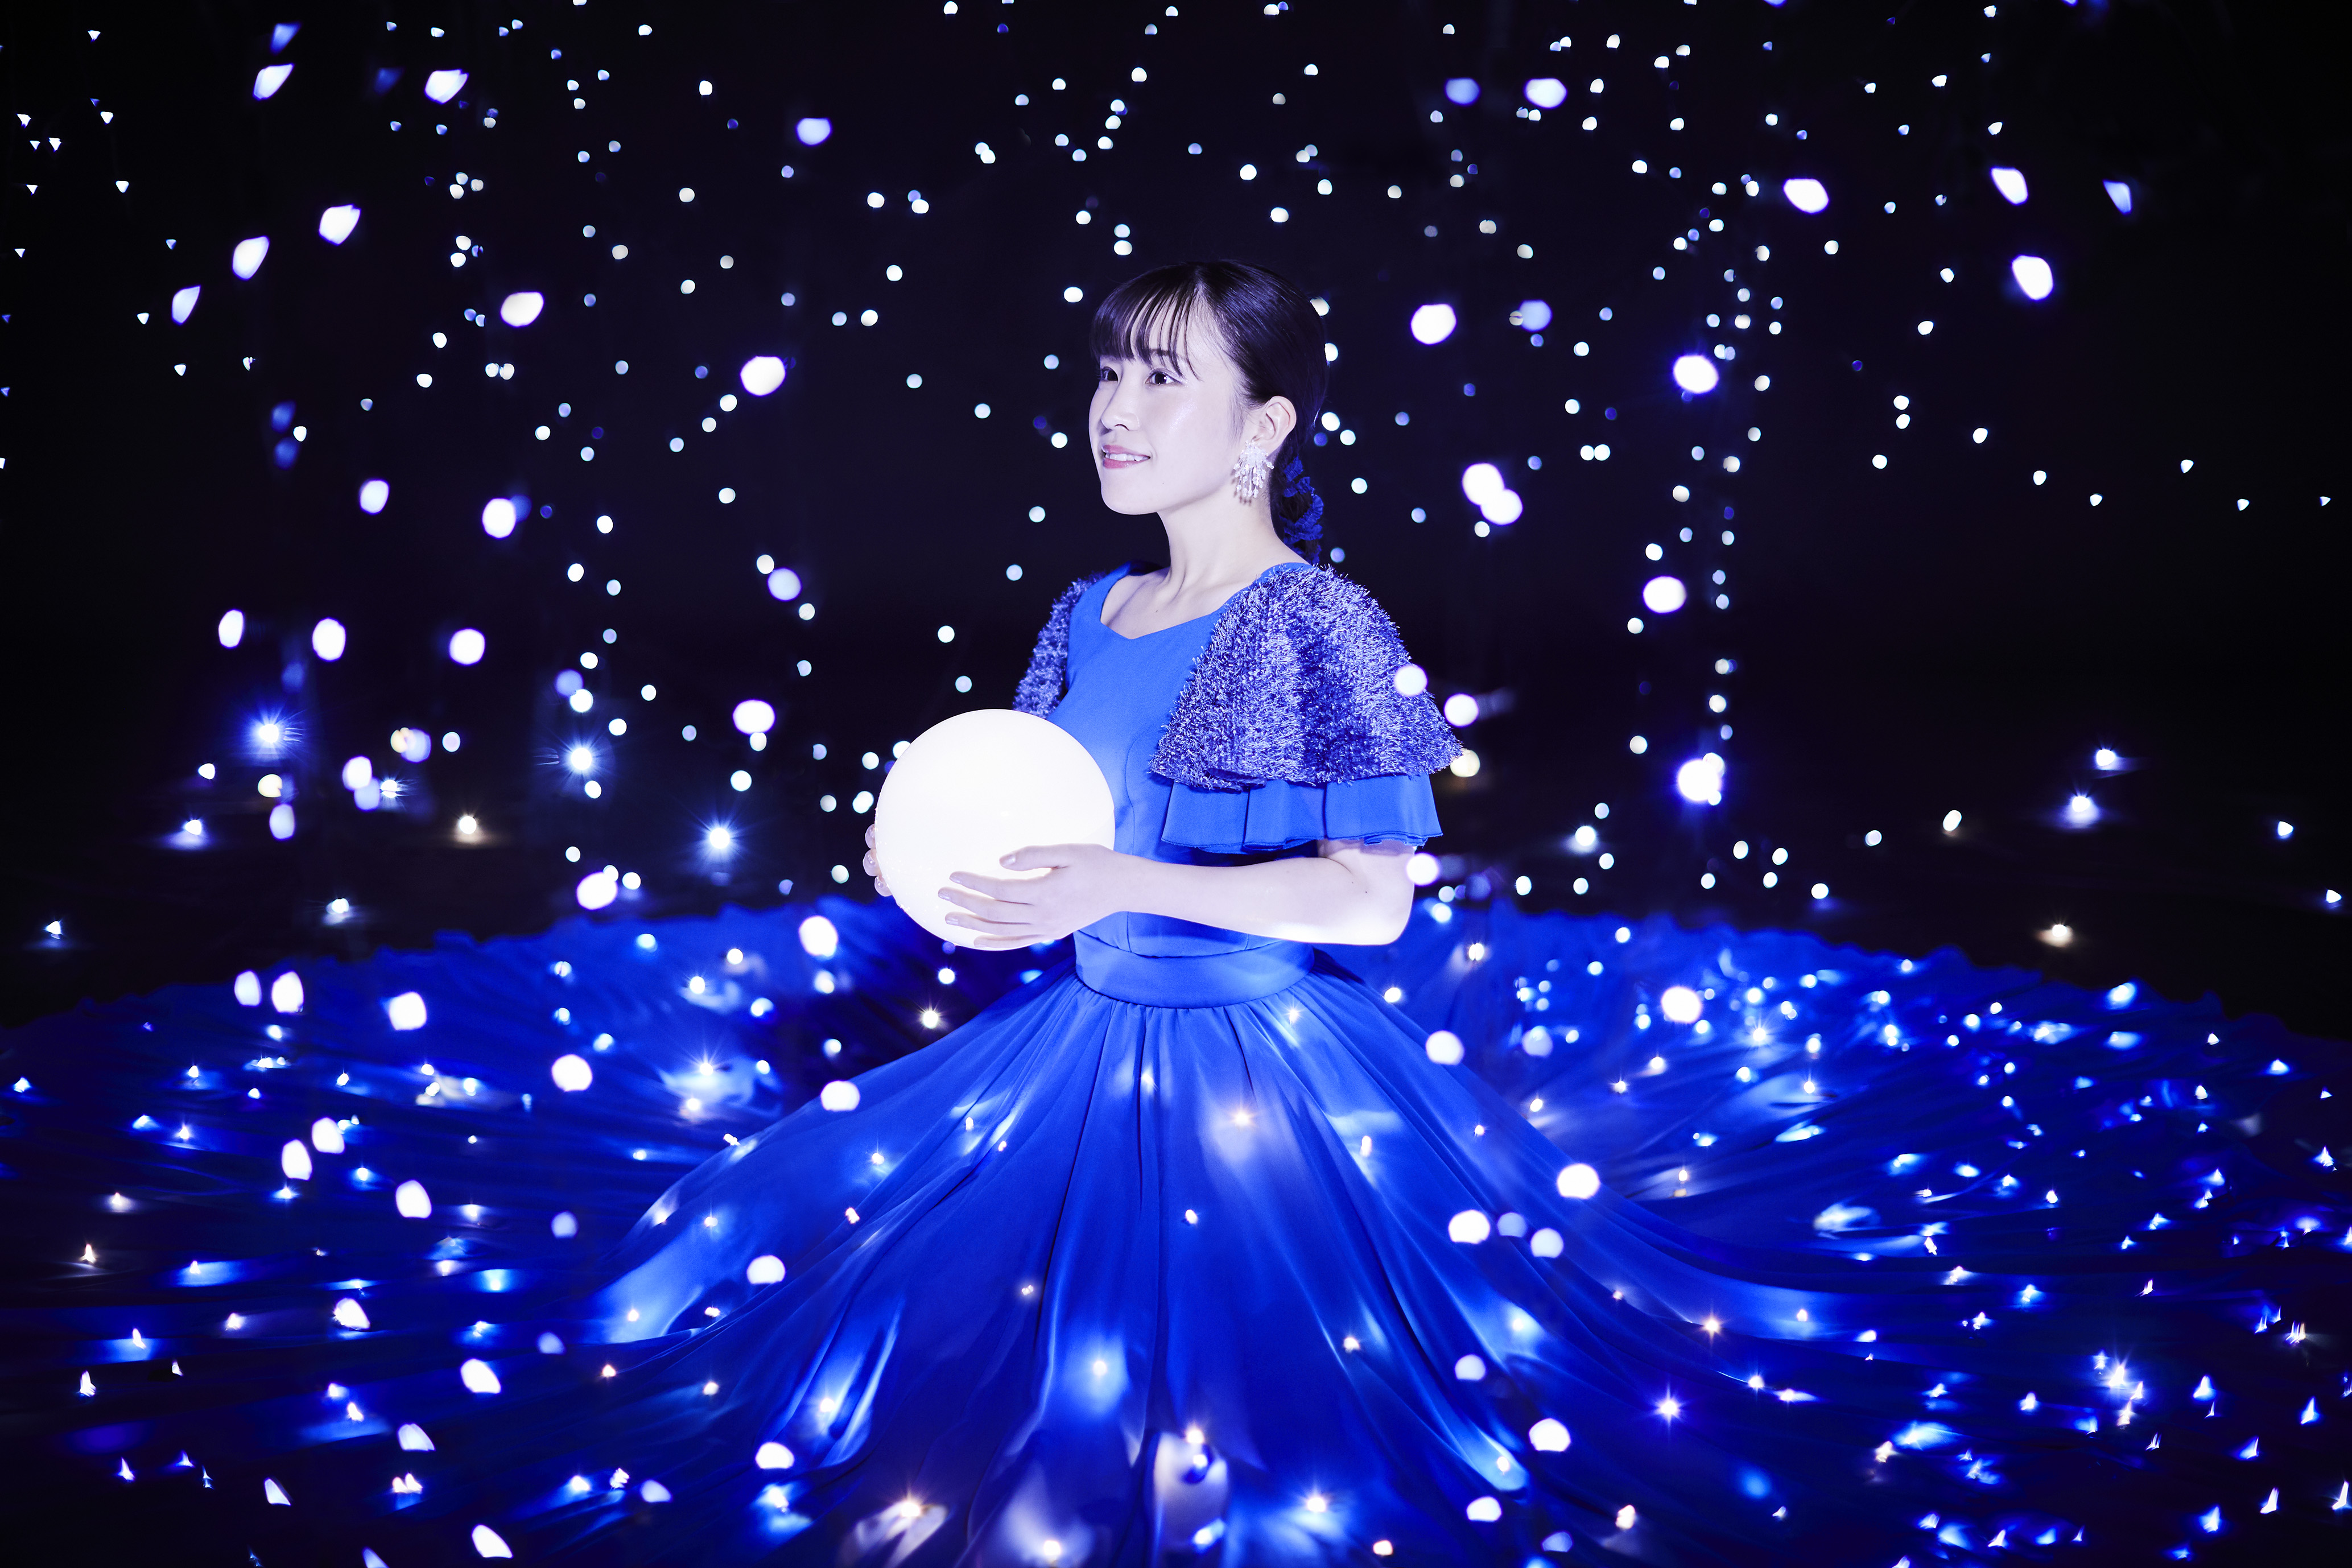 鈴木みのり「夜空」アー写.jpg